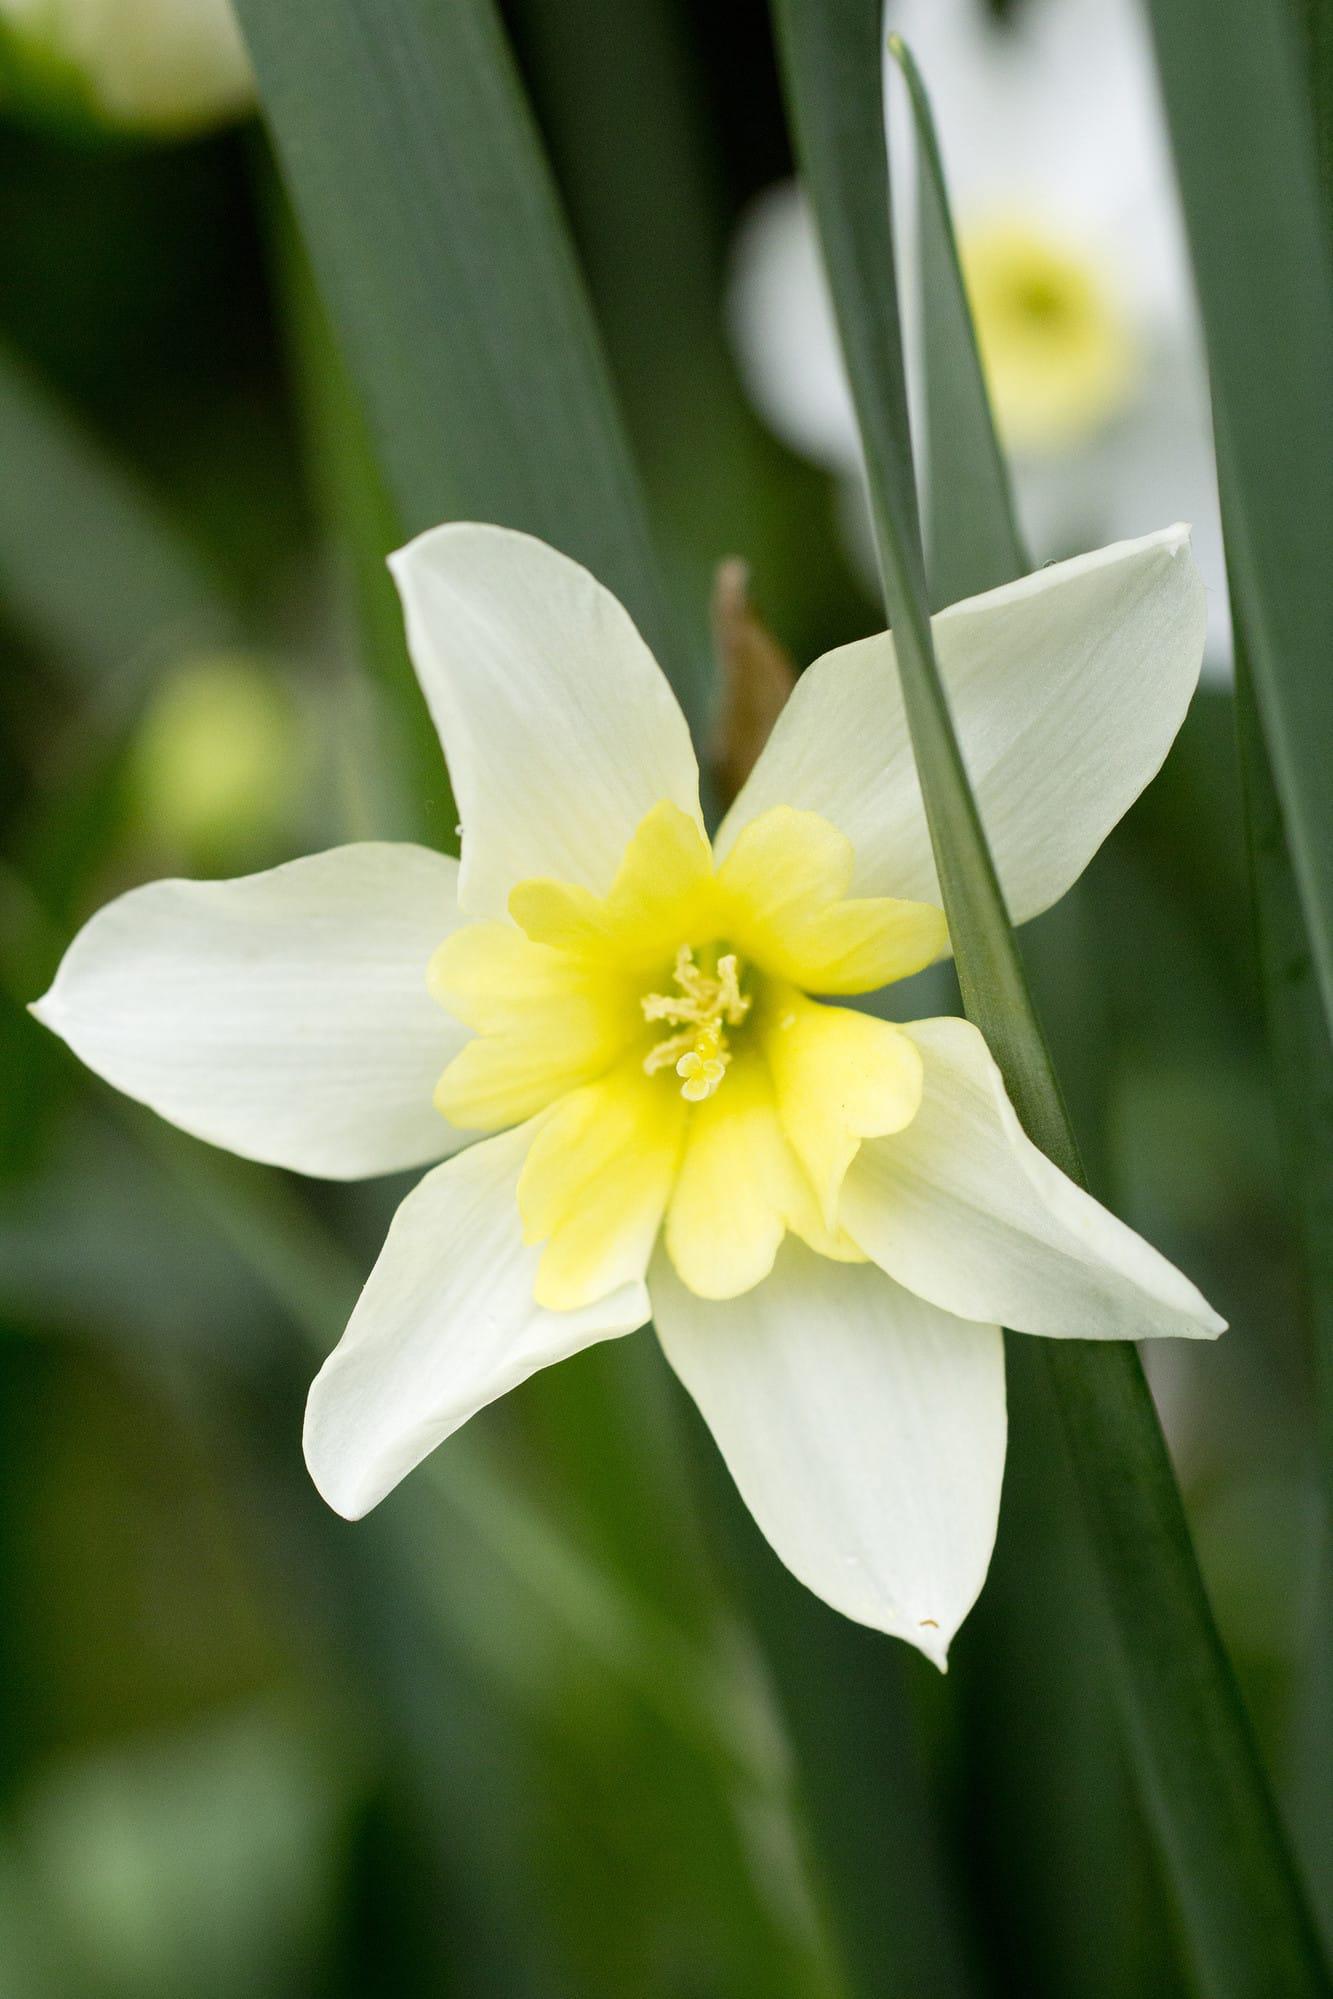 Narcisser blir ofta långlivade i gräsmattan och förökar sig efter några år.